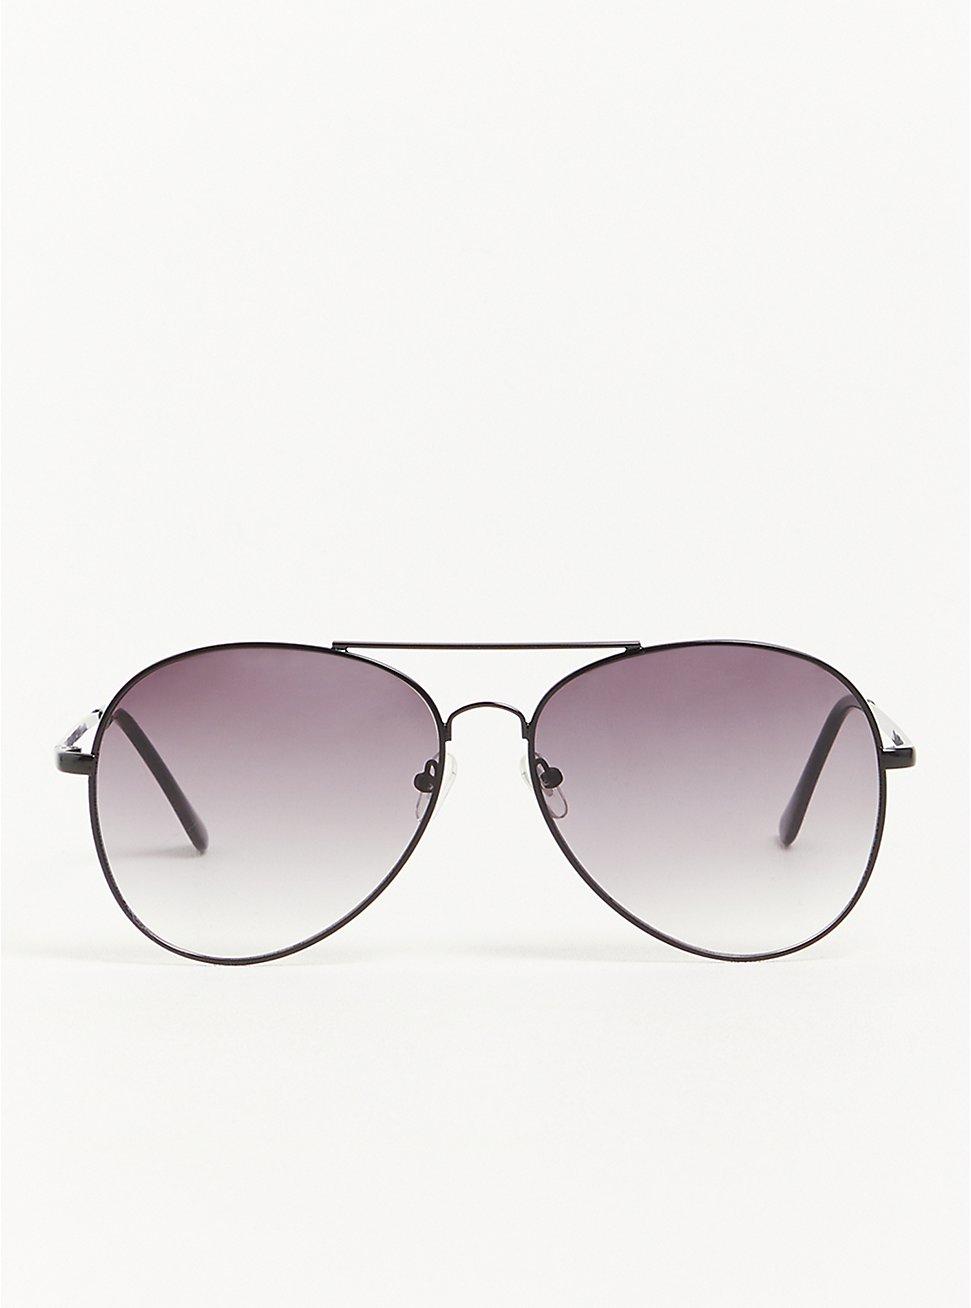 Smoke Lens Aviator Sunglasses - Black Metal, , hi-res